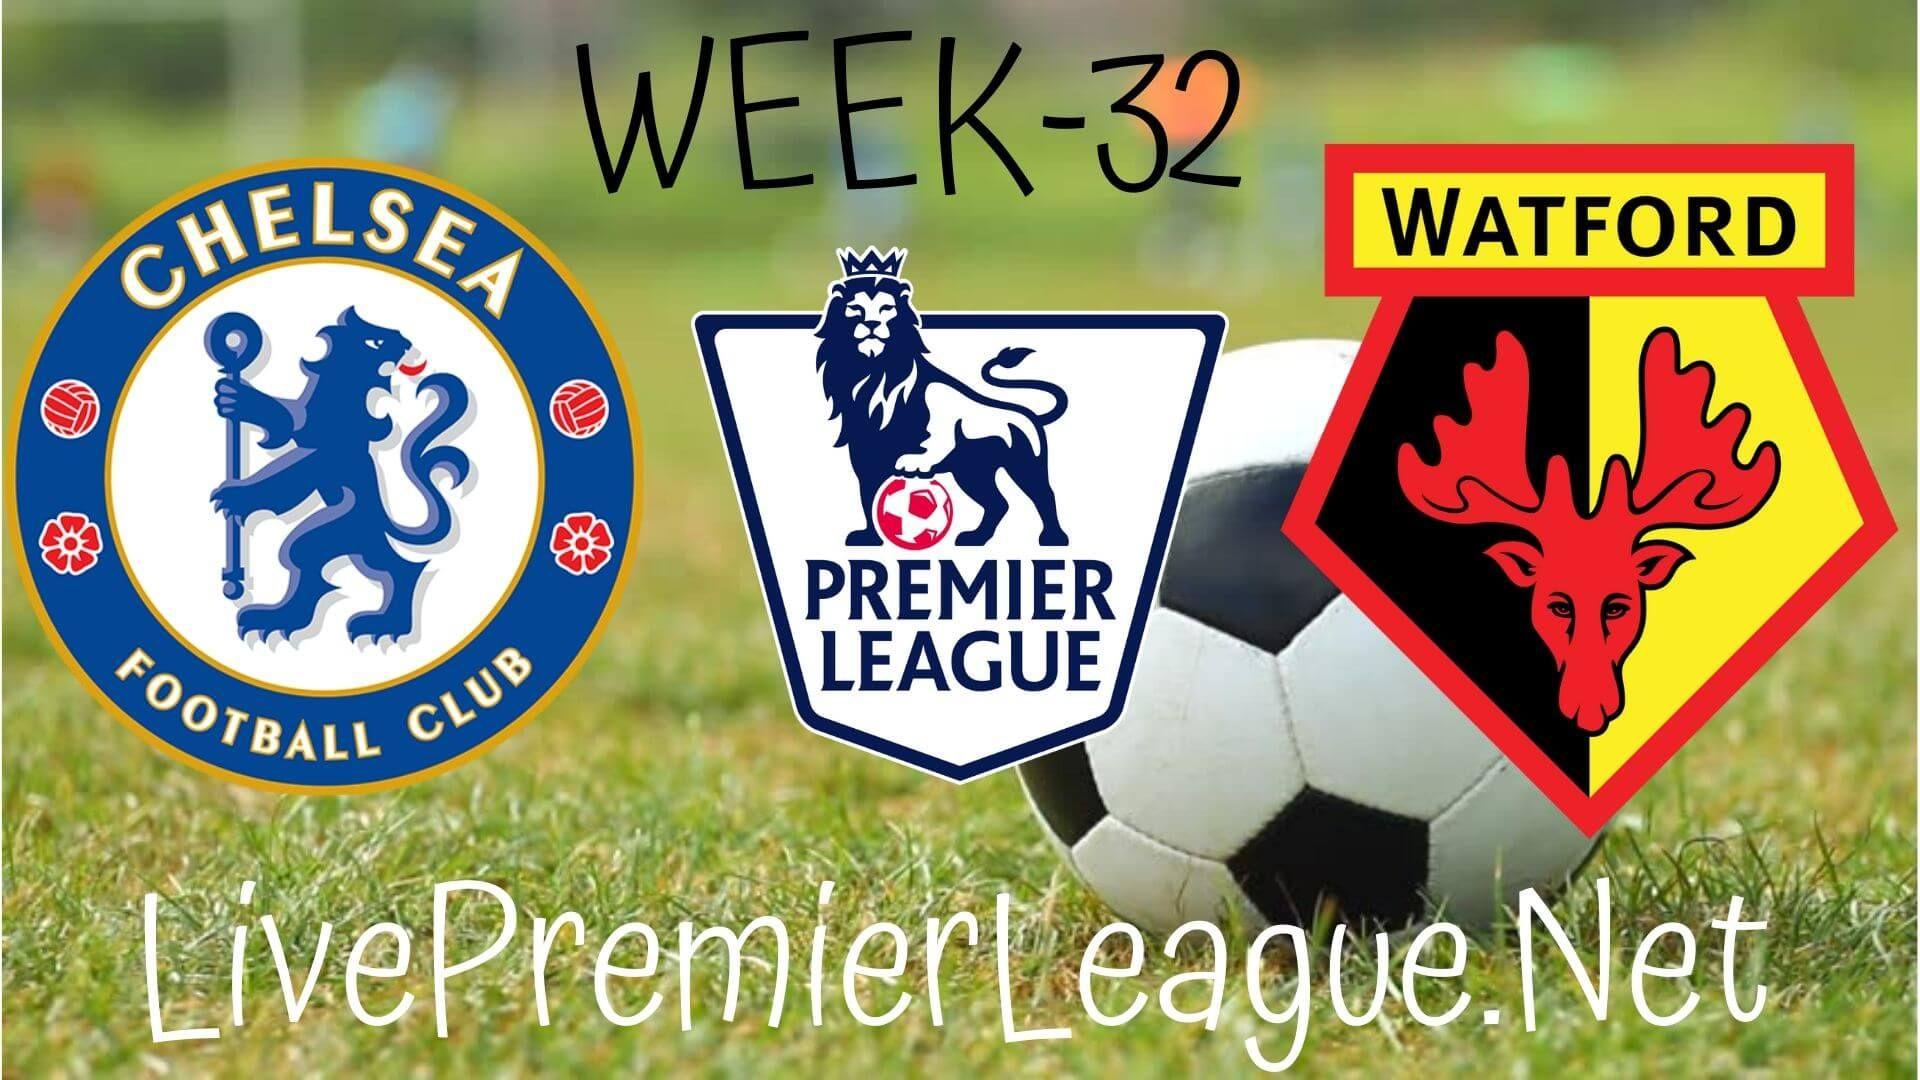 Chelsea Vs Watford Live Stream Epl Week 33 In 2020 Watford Chelsea Live